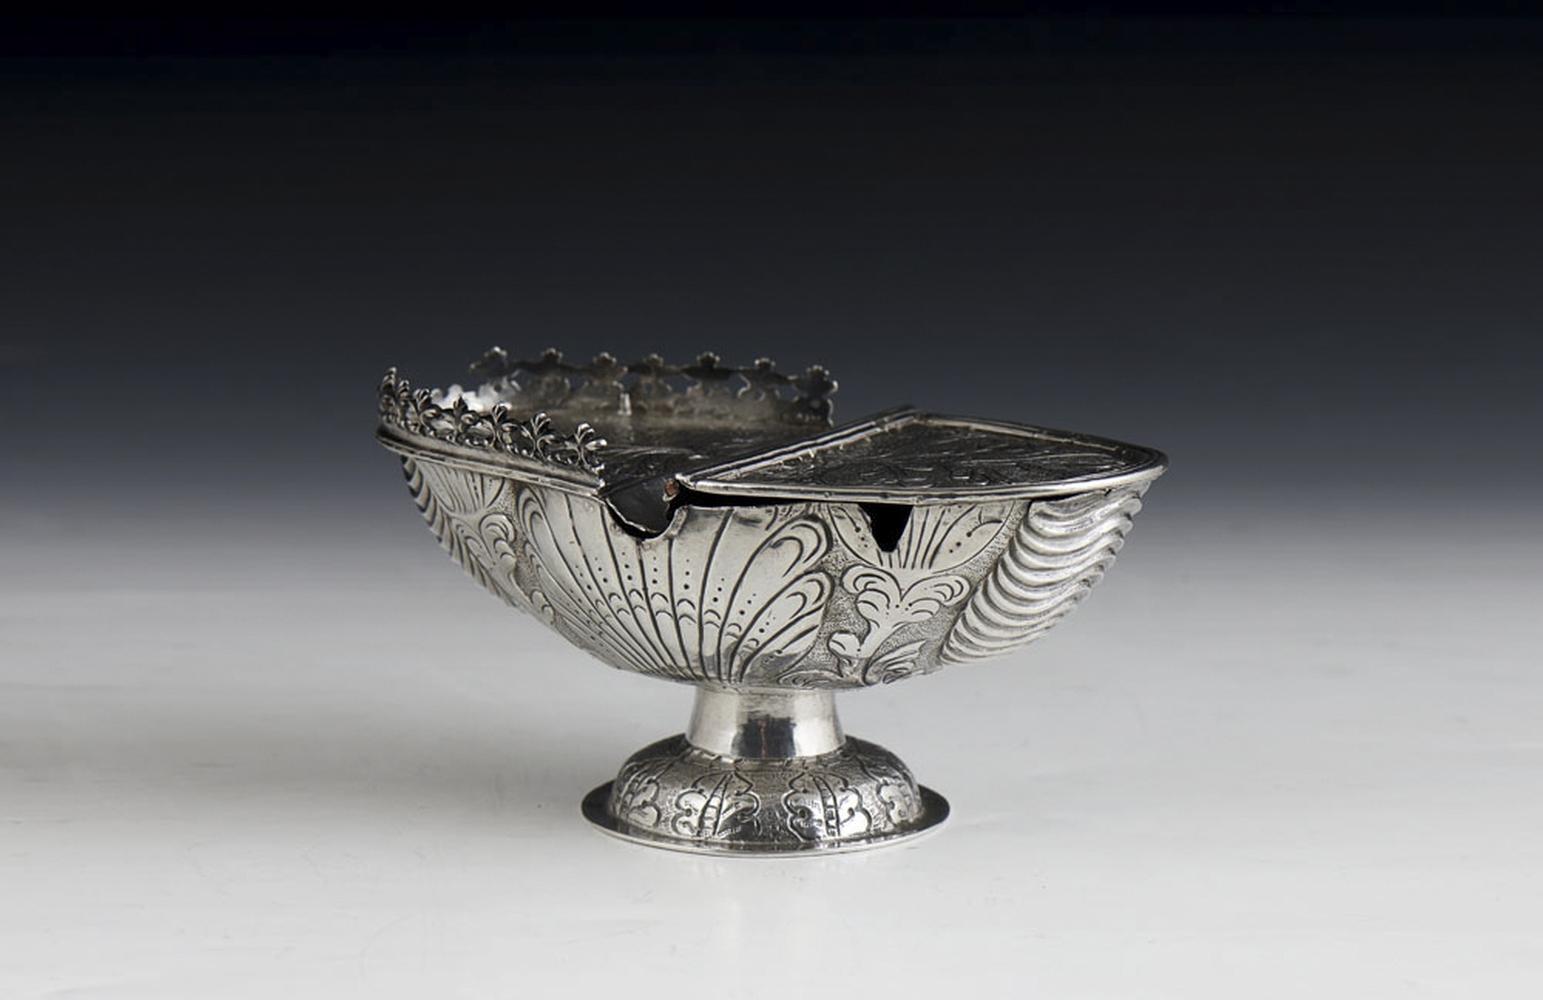 Naveta em prata possivelmente espanhola, P. 346 g.